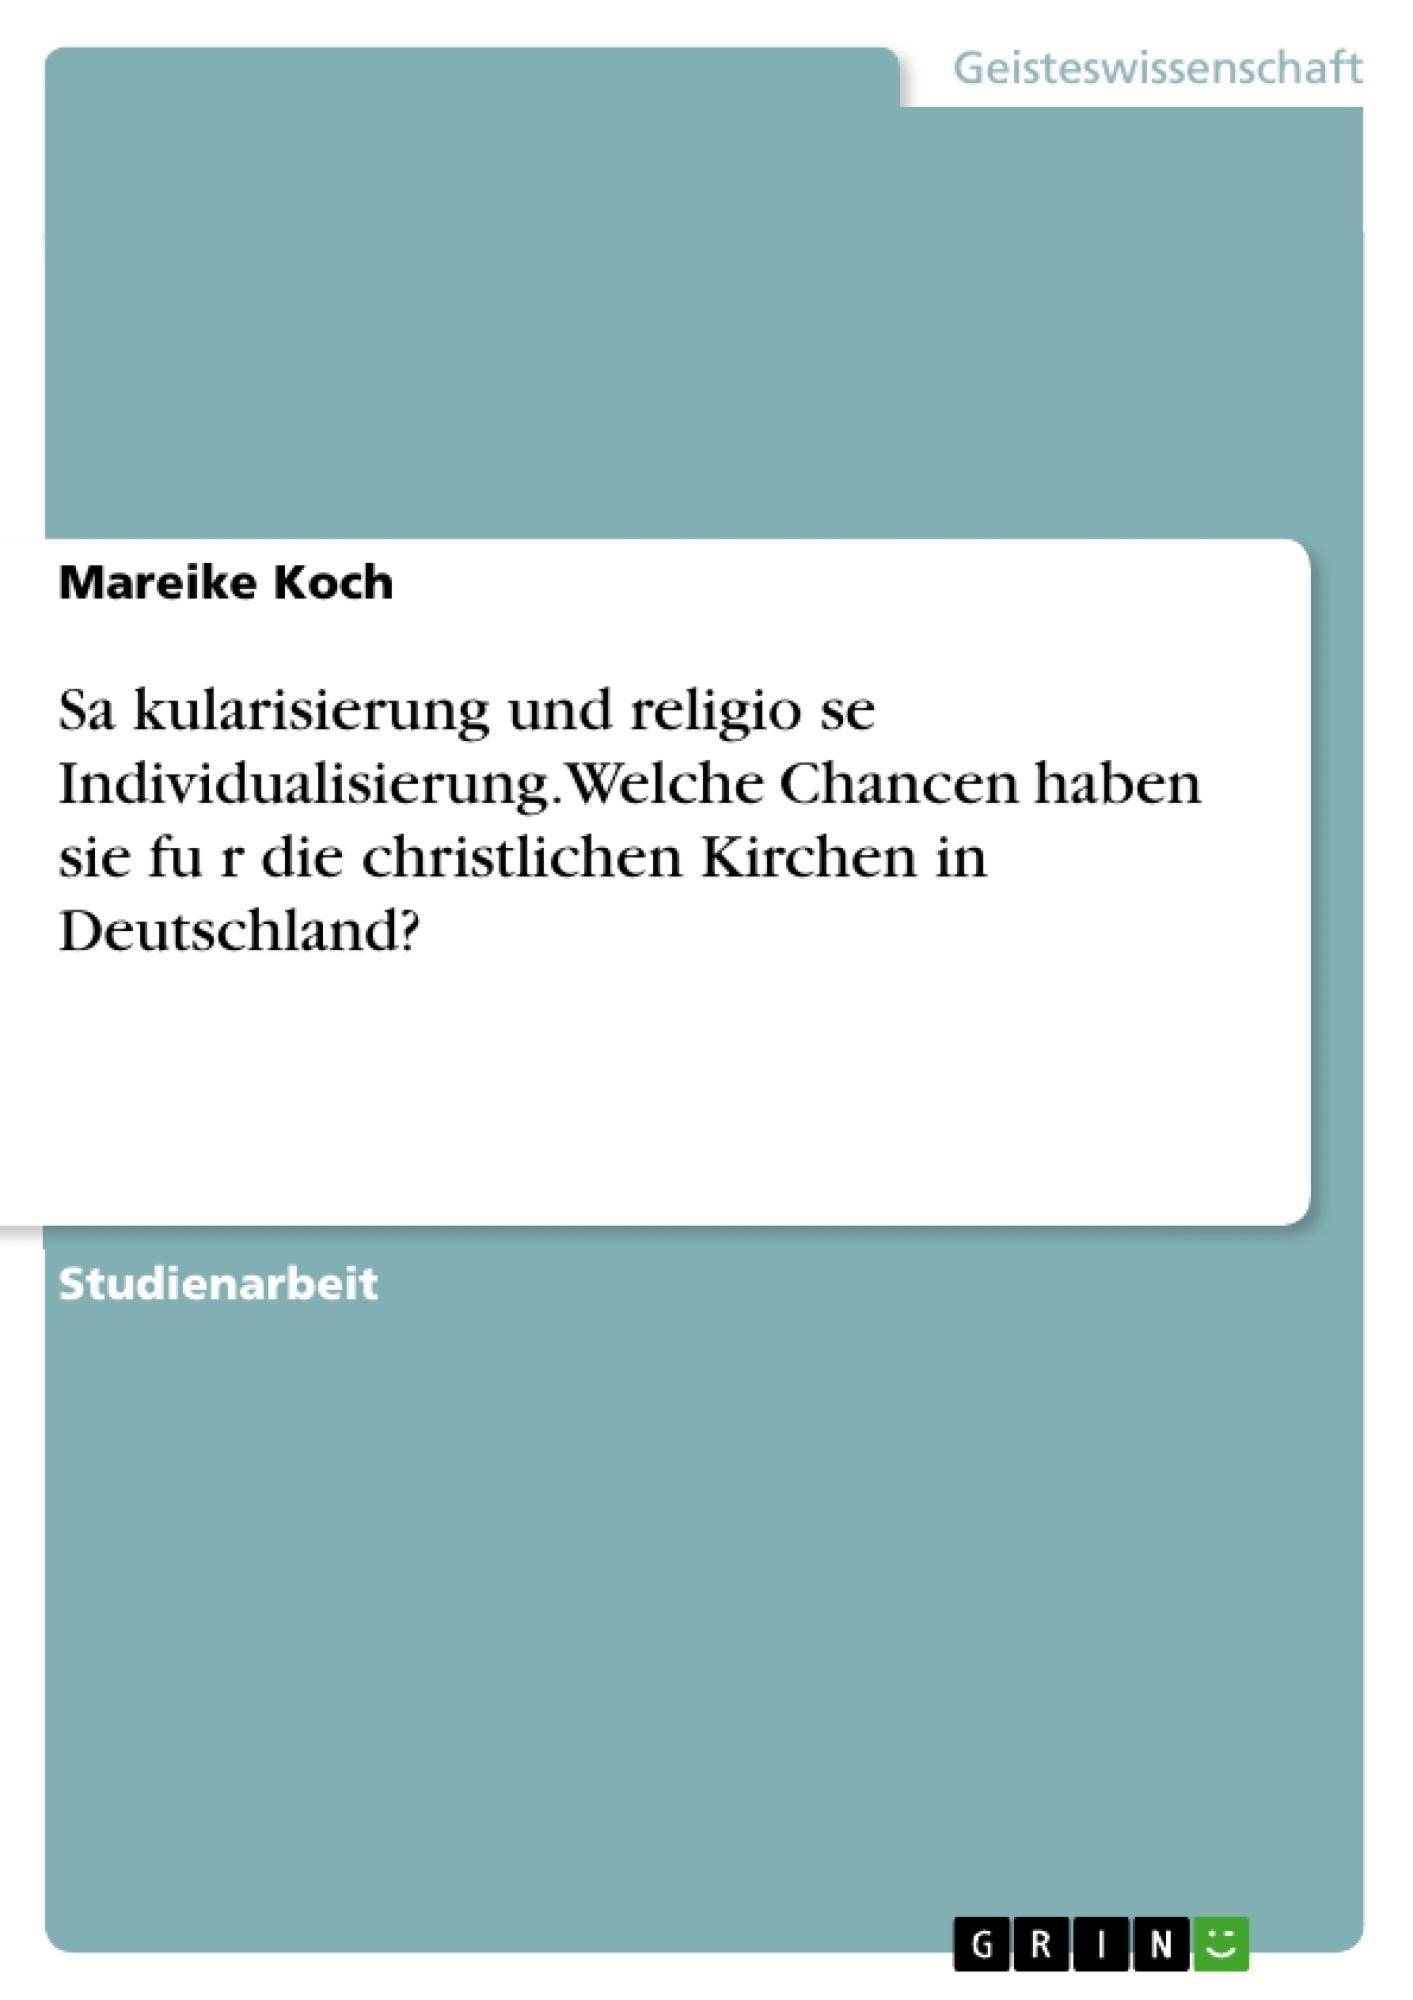 Titel: Säkularisierung und religiöse Individualisierung. Welche Chancen haben sie für die christlichen Kirchen in Deutschland?